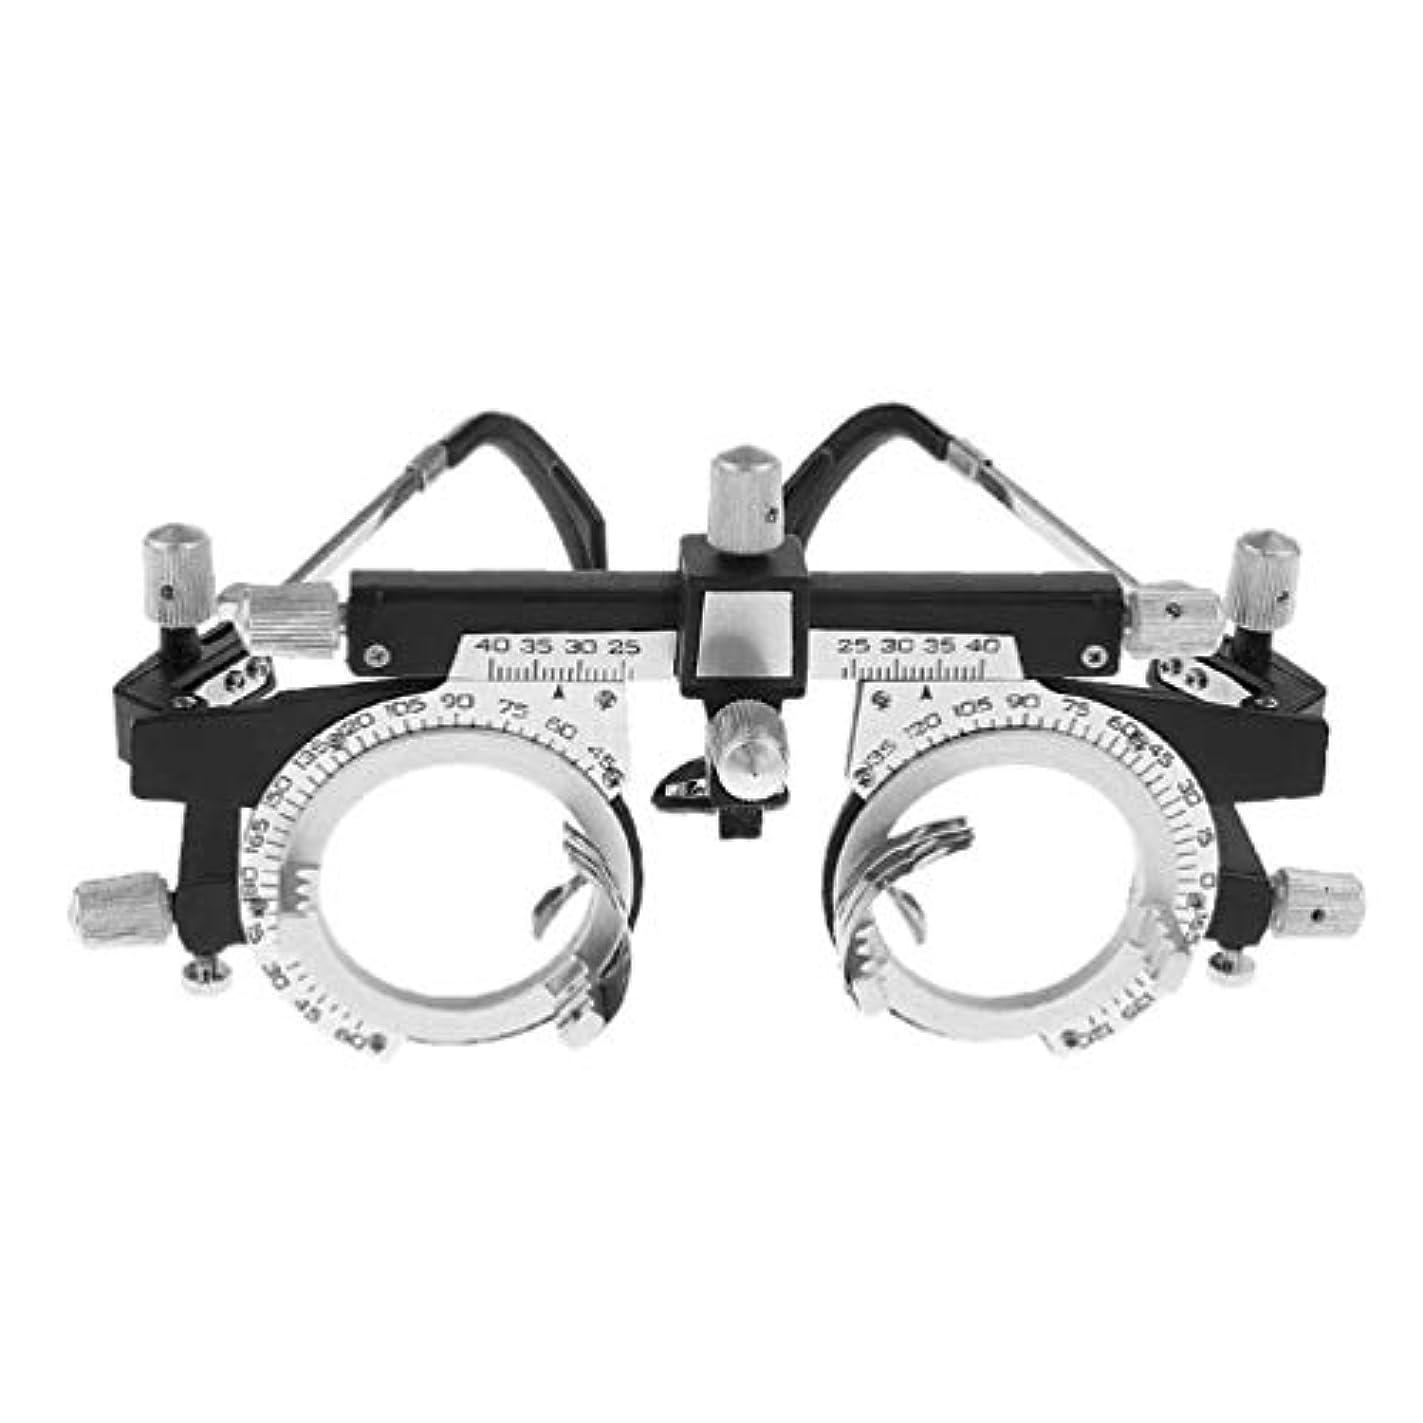 セラー脱獄専門調節可能なプロフェッショナルアイウェア検眼メタルフレーム光学オプティクストライアルレンズメタルフレームPDメガネアクセサリー - シルバー&ブラック